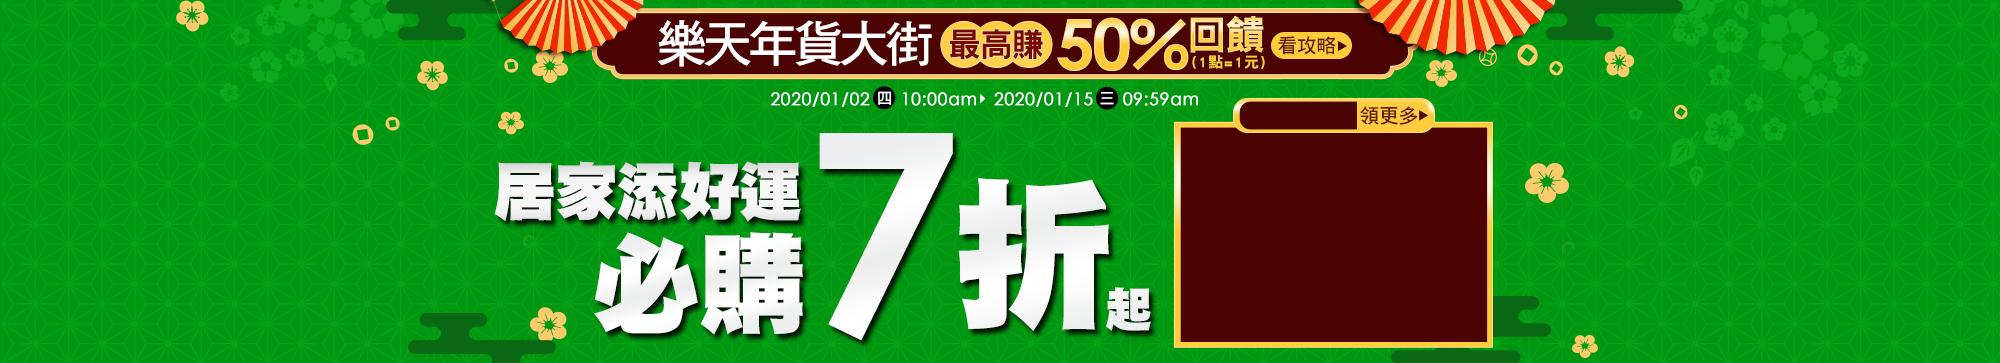 樂天年貨大街:居家床寢7折起,最高再賺50%回饋